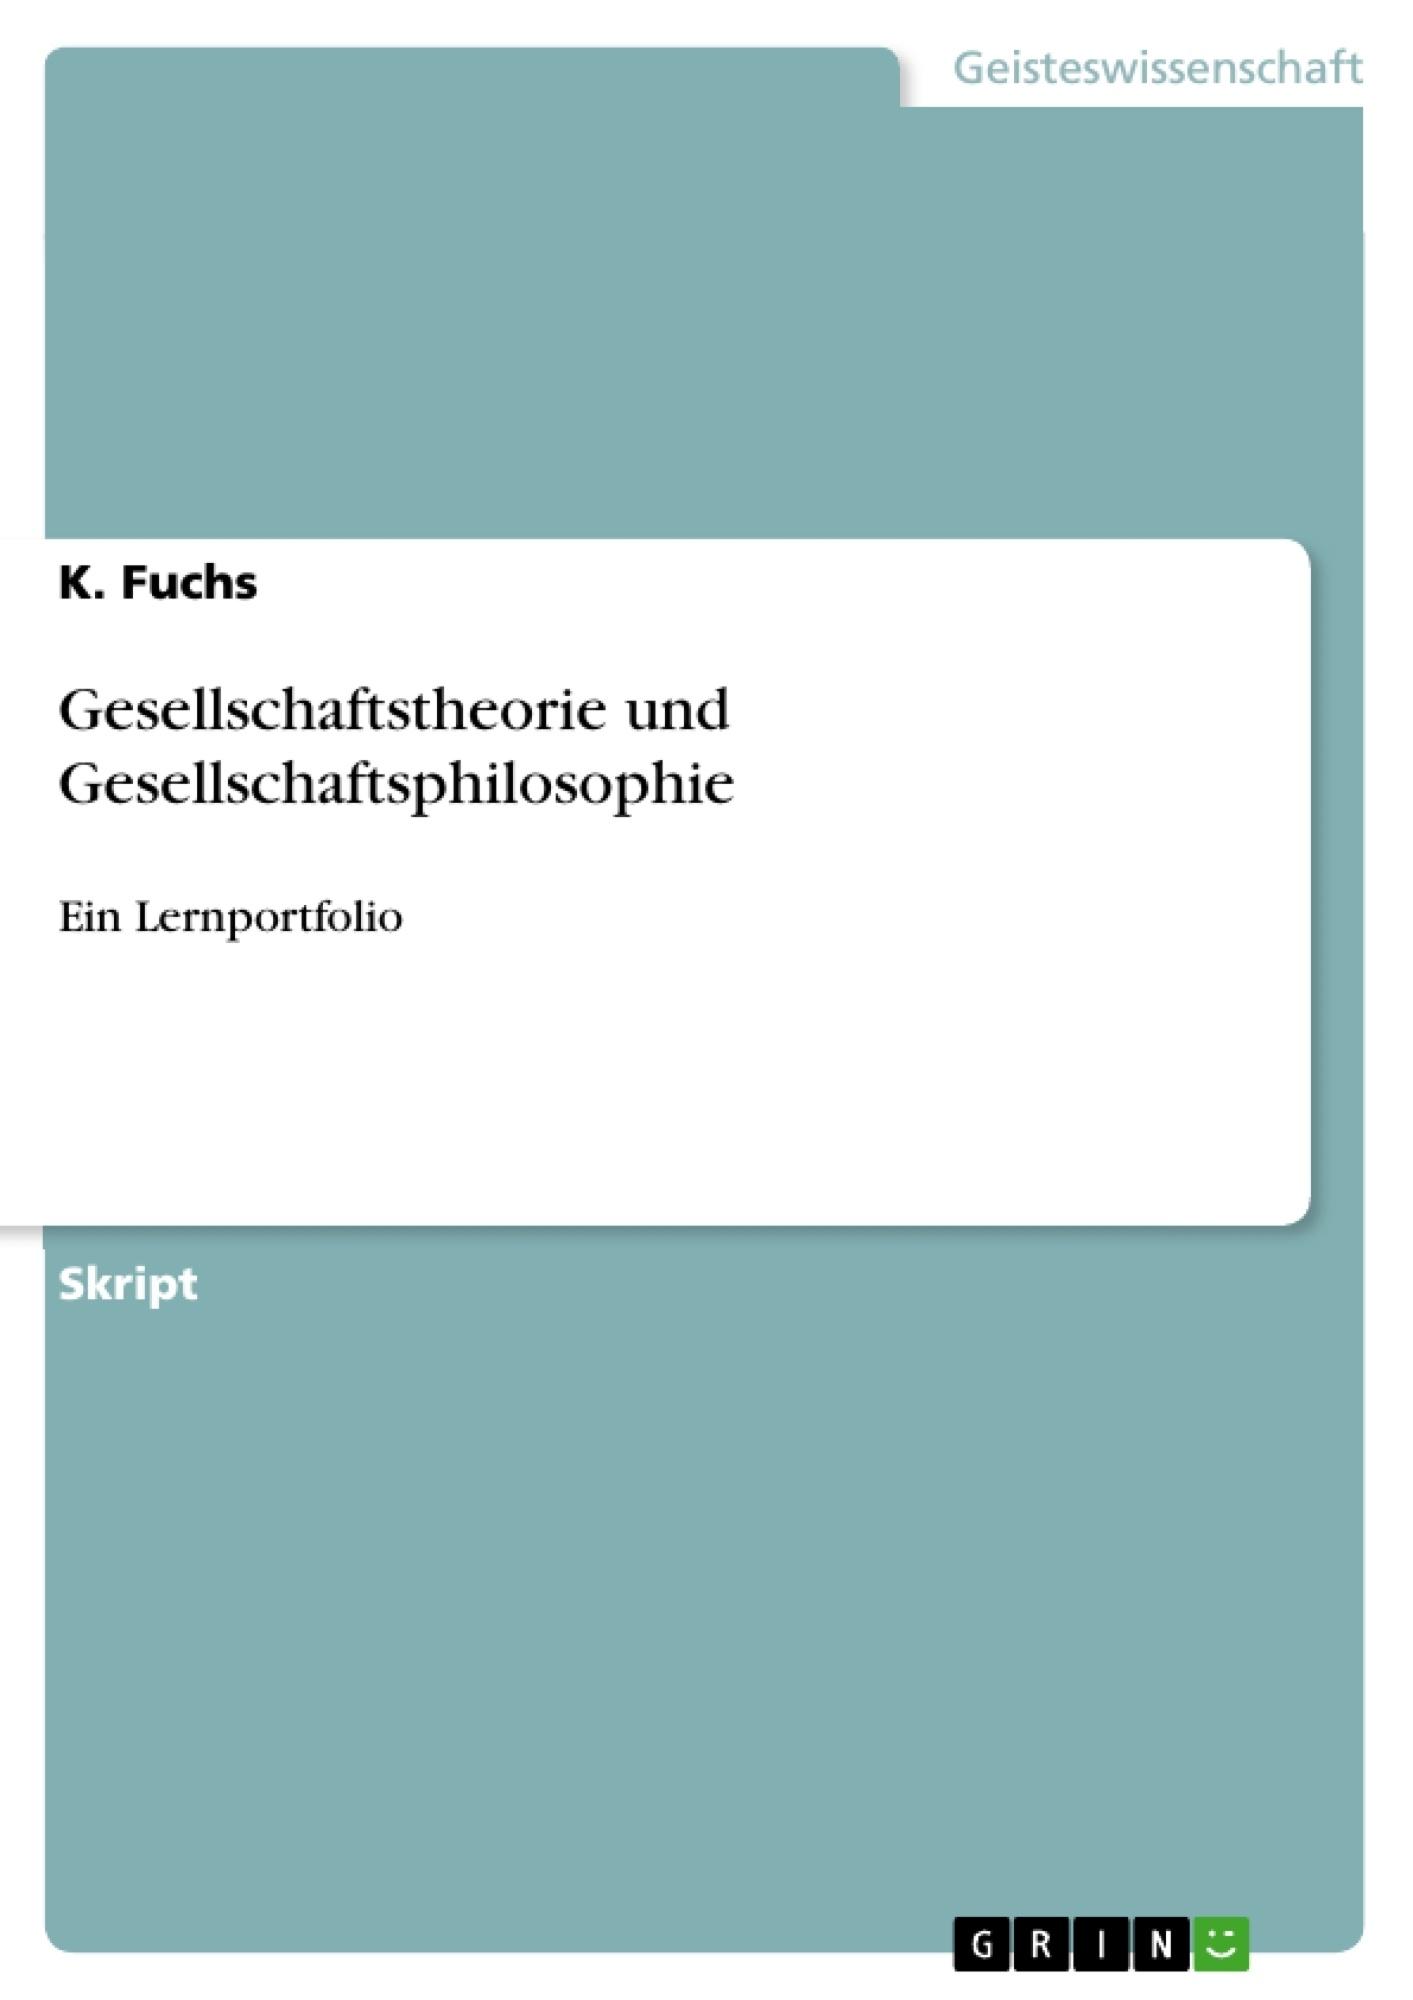 Titel: Gesellschaftstheorie und Gesellschaftsphilosophie